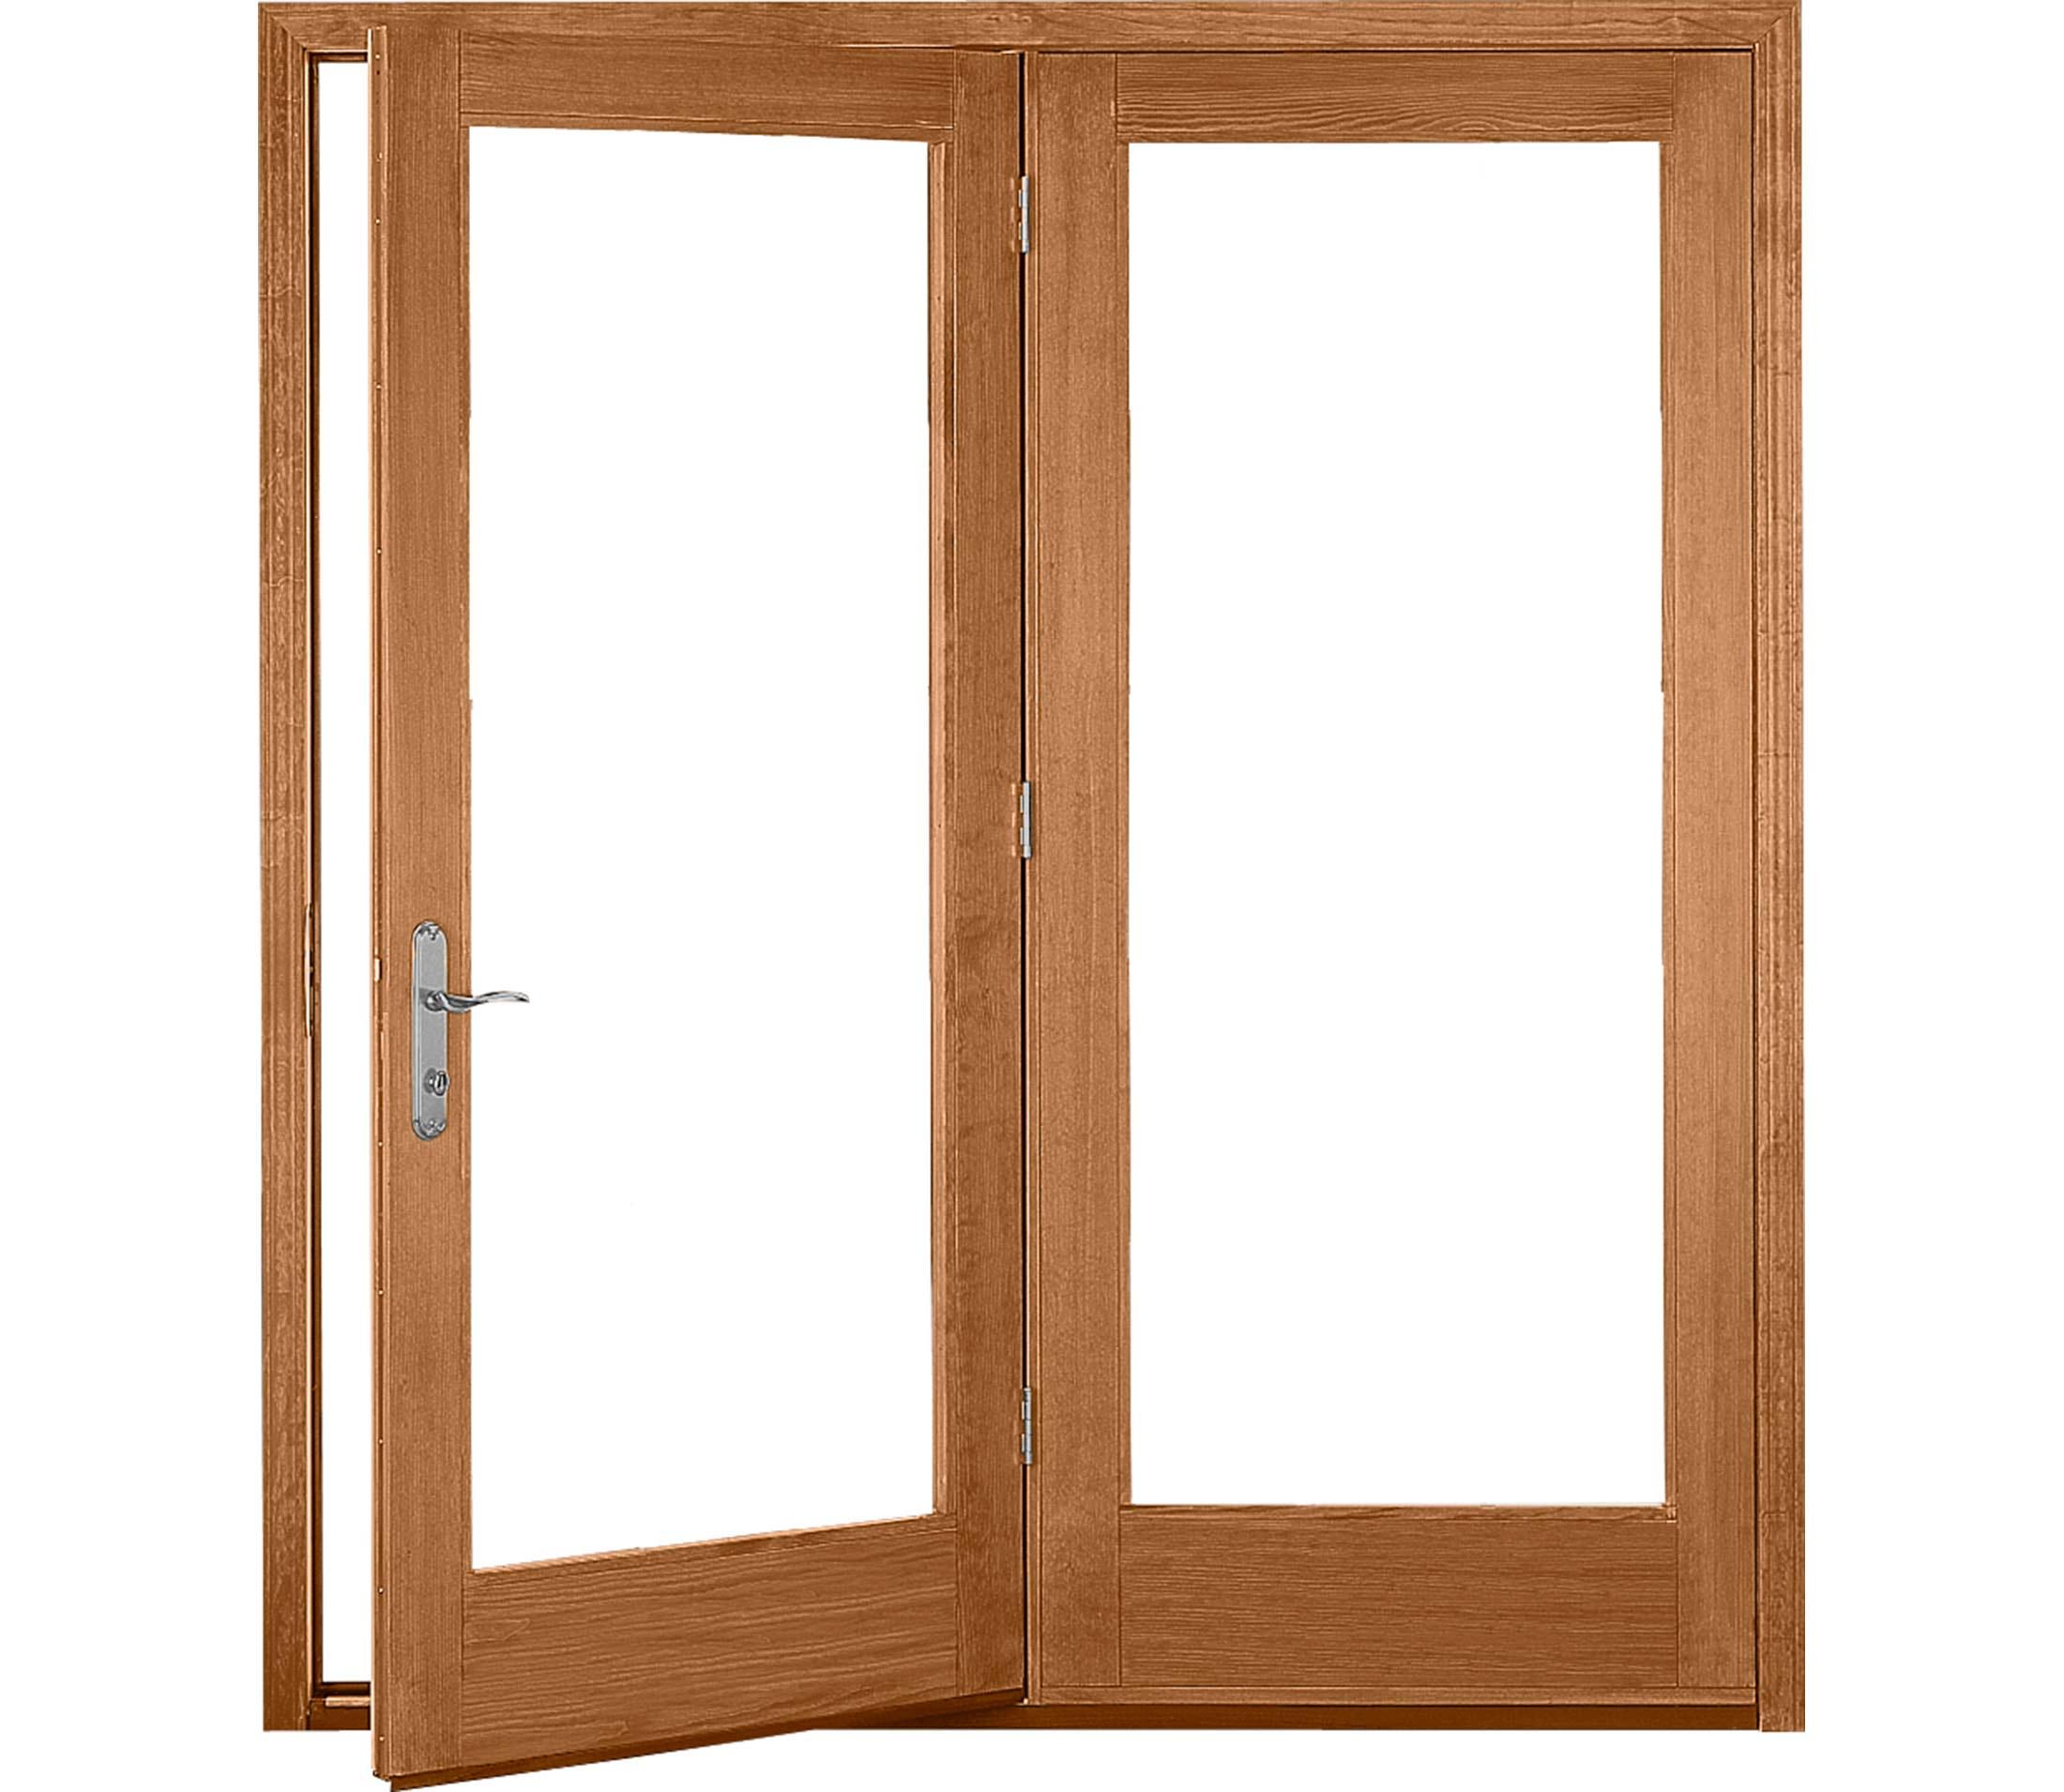 proline 450 series hinged patio door